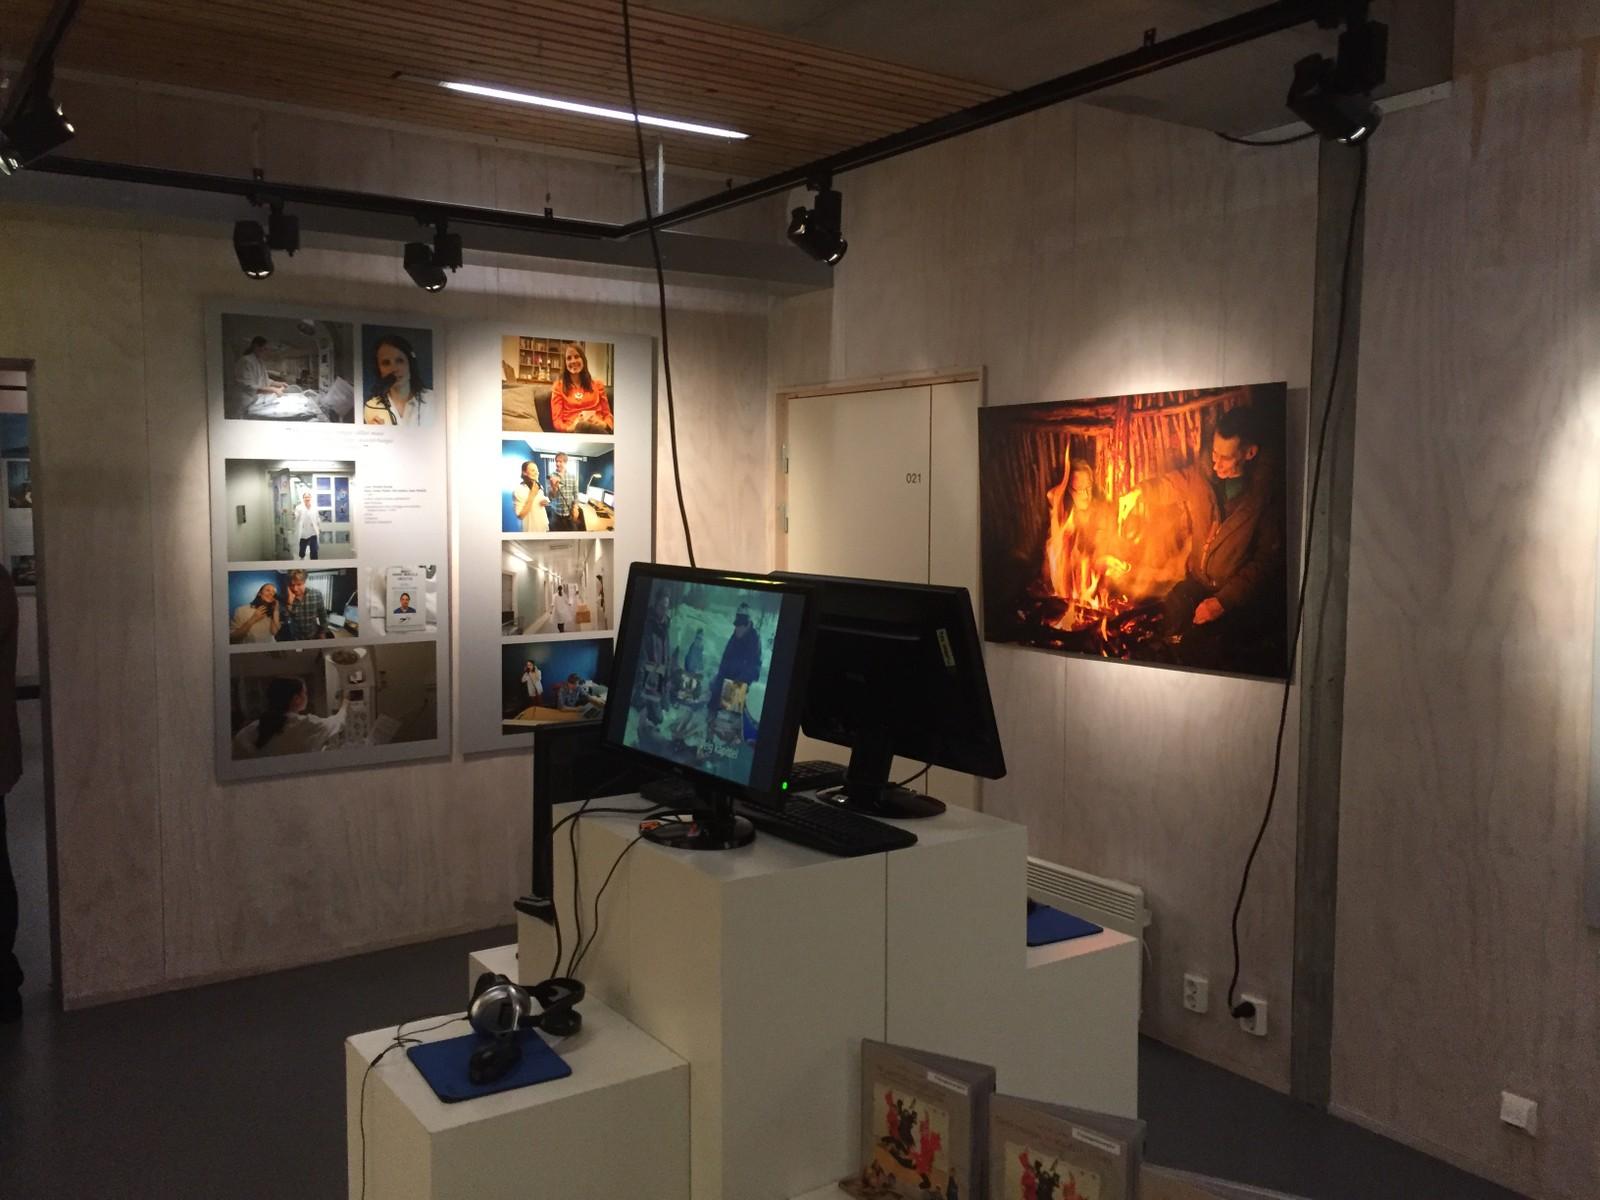 Kunstneren Jorunn Eikjok hadde mange verk å stille ut på samenes nasjonaldag.